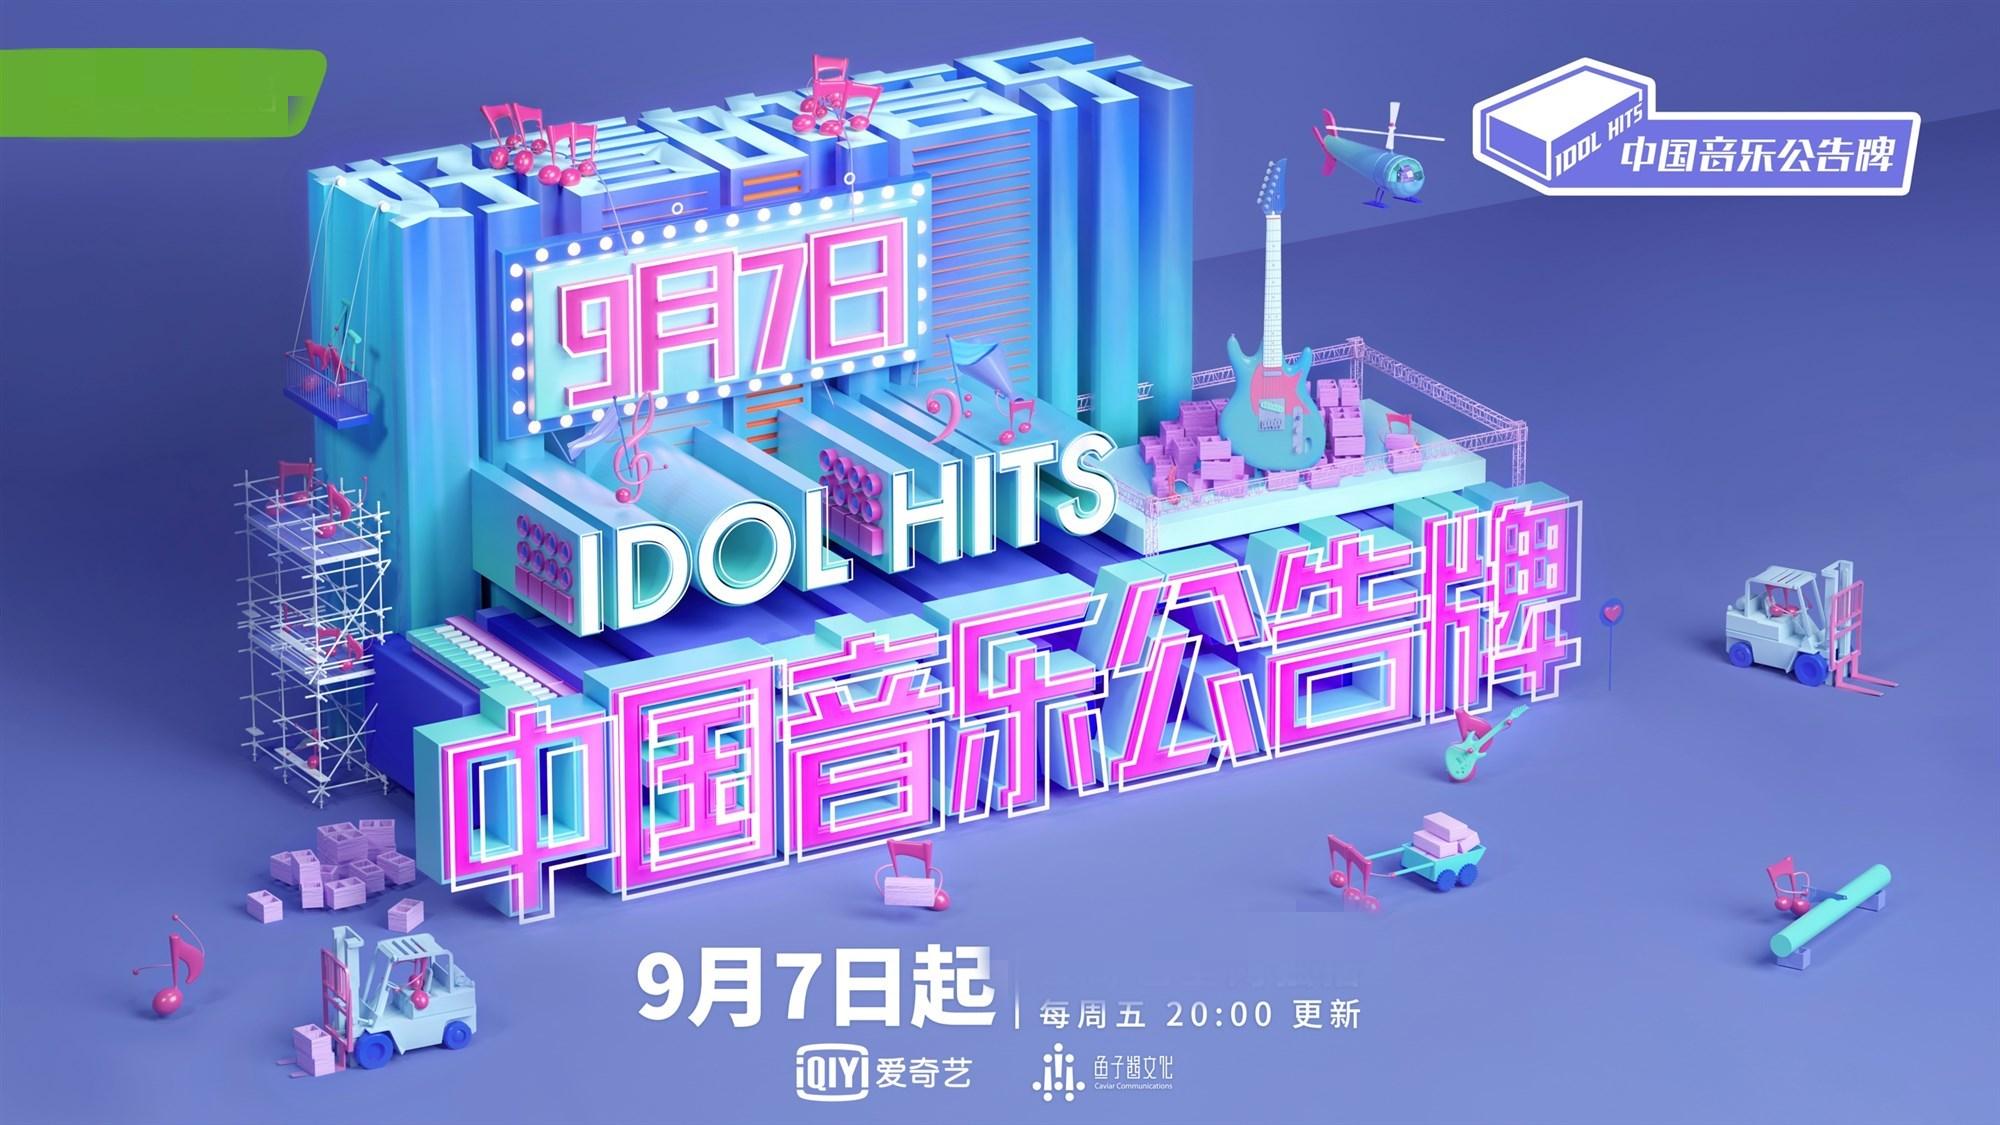 《中国音乐公告牌》与多平台联合 整合国内音乐市场